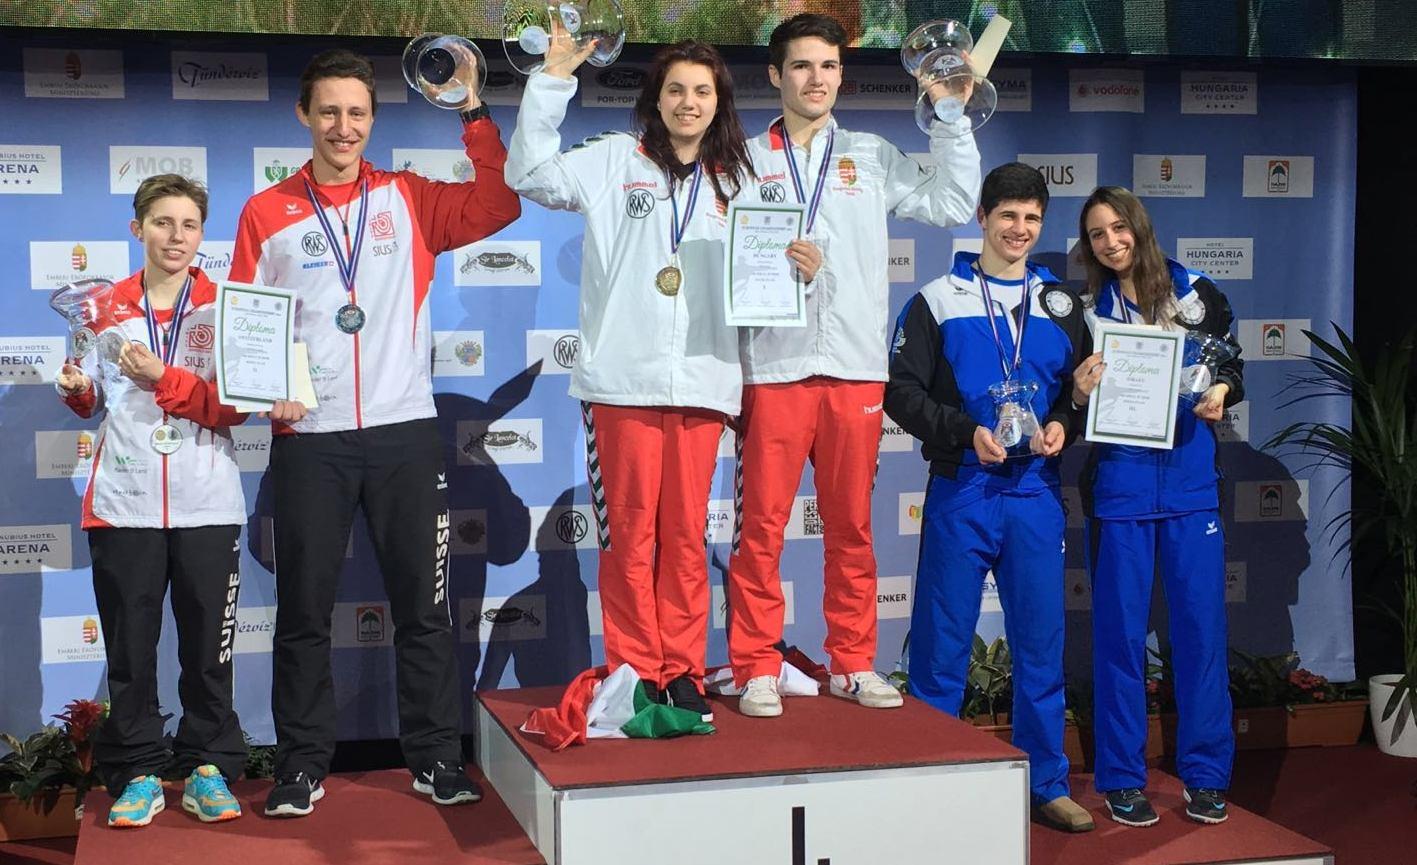 מדליית ארד לישראל באליפות אירופה 2016